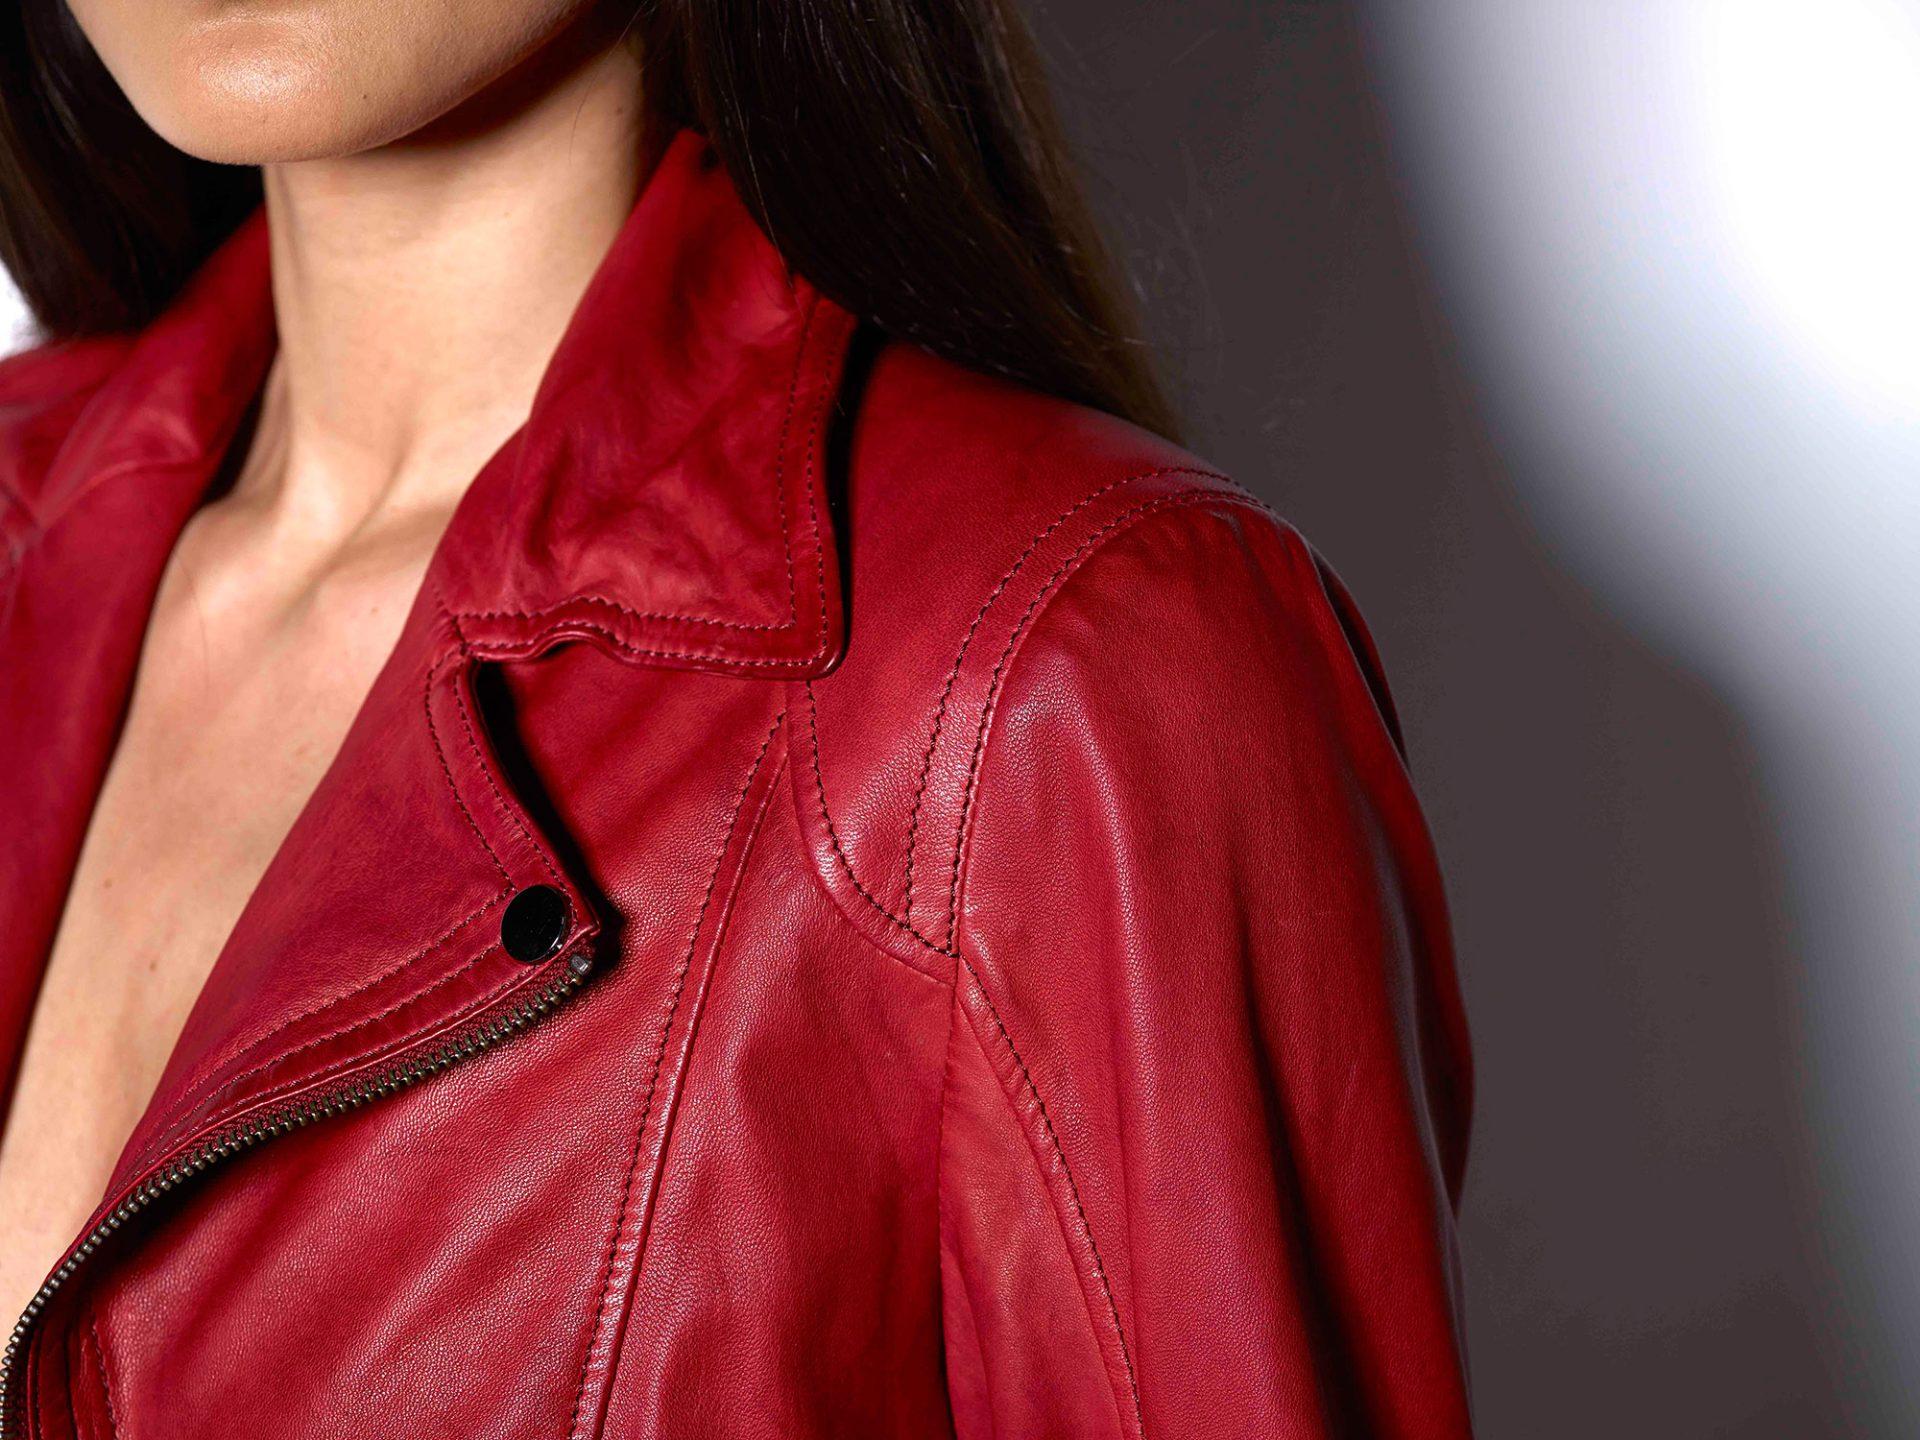 Nahaufnahme eines Kragens einer roten Lederjacke.